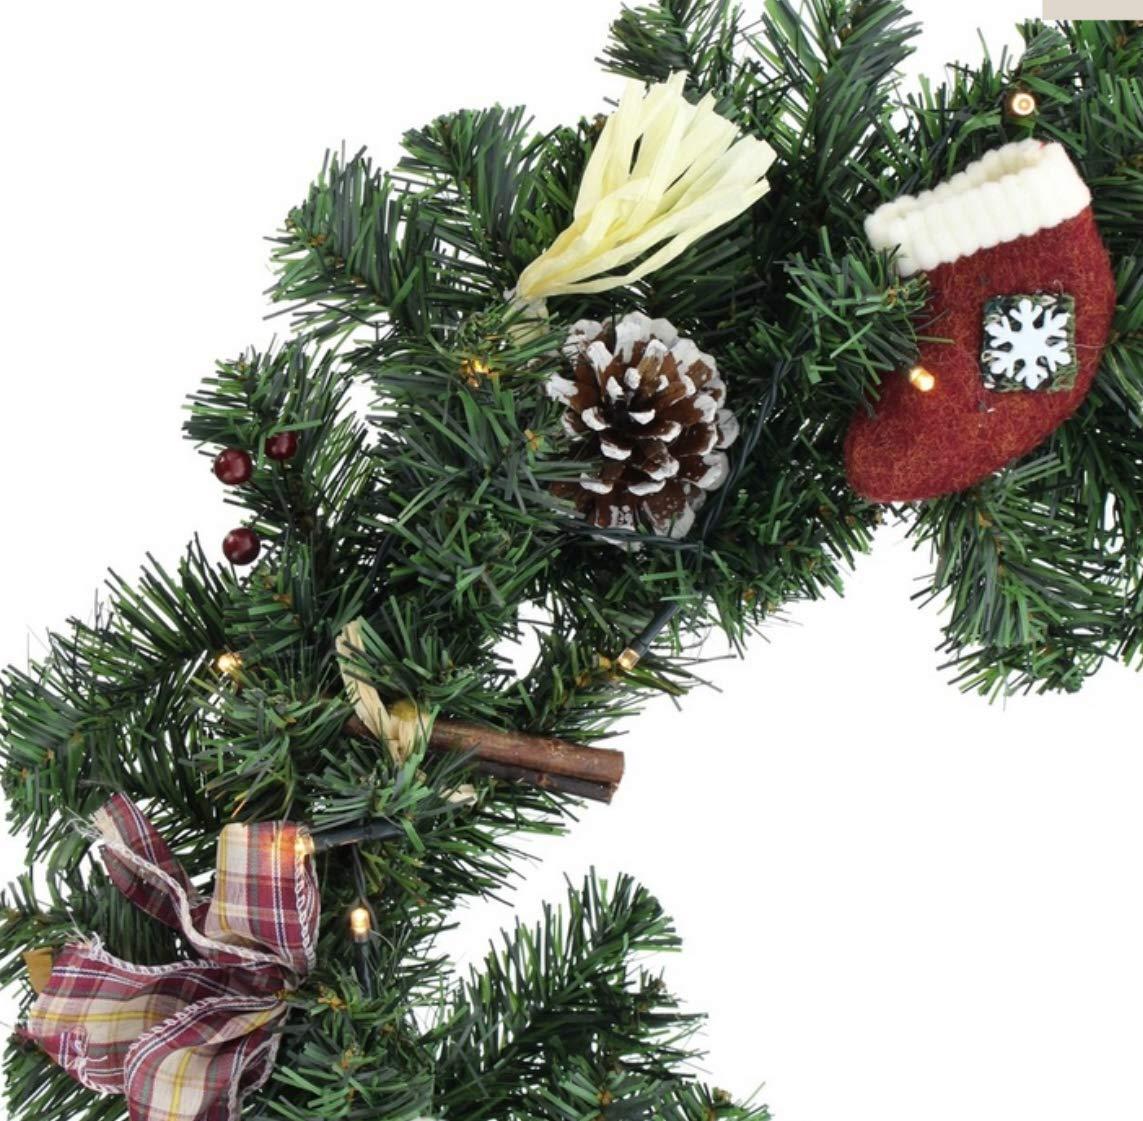 Weihnachtsbeleuchtung Kranz.Adventskranz Türkranz Weihnachtsbeleuchtung Led Beleuchtung Xxl ø 45